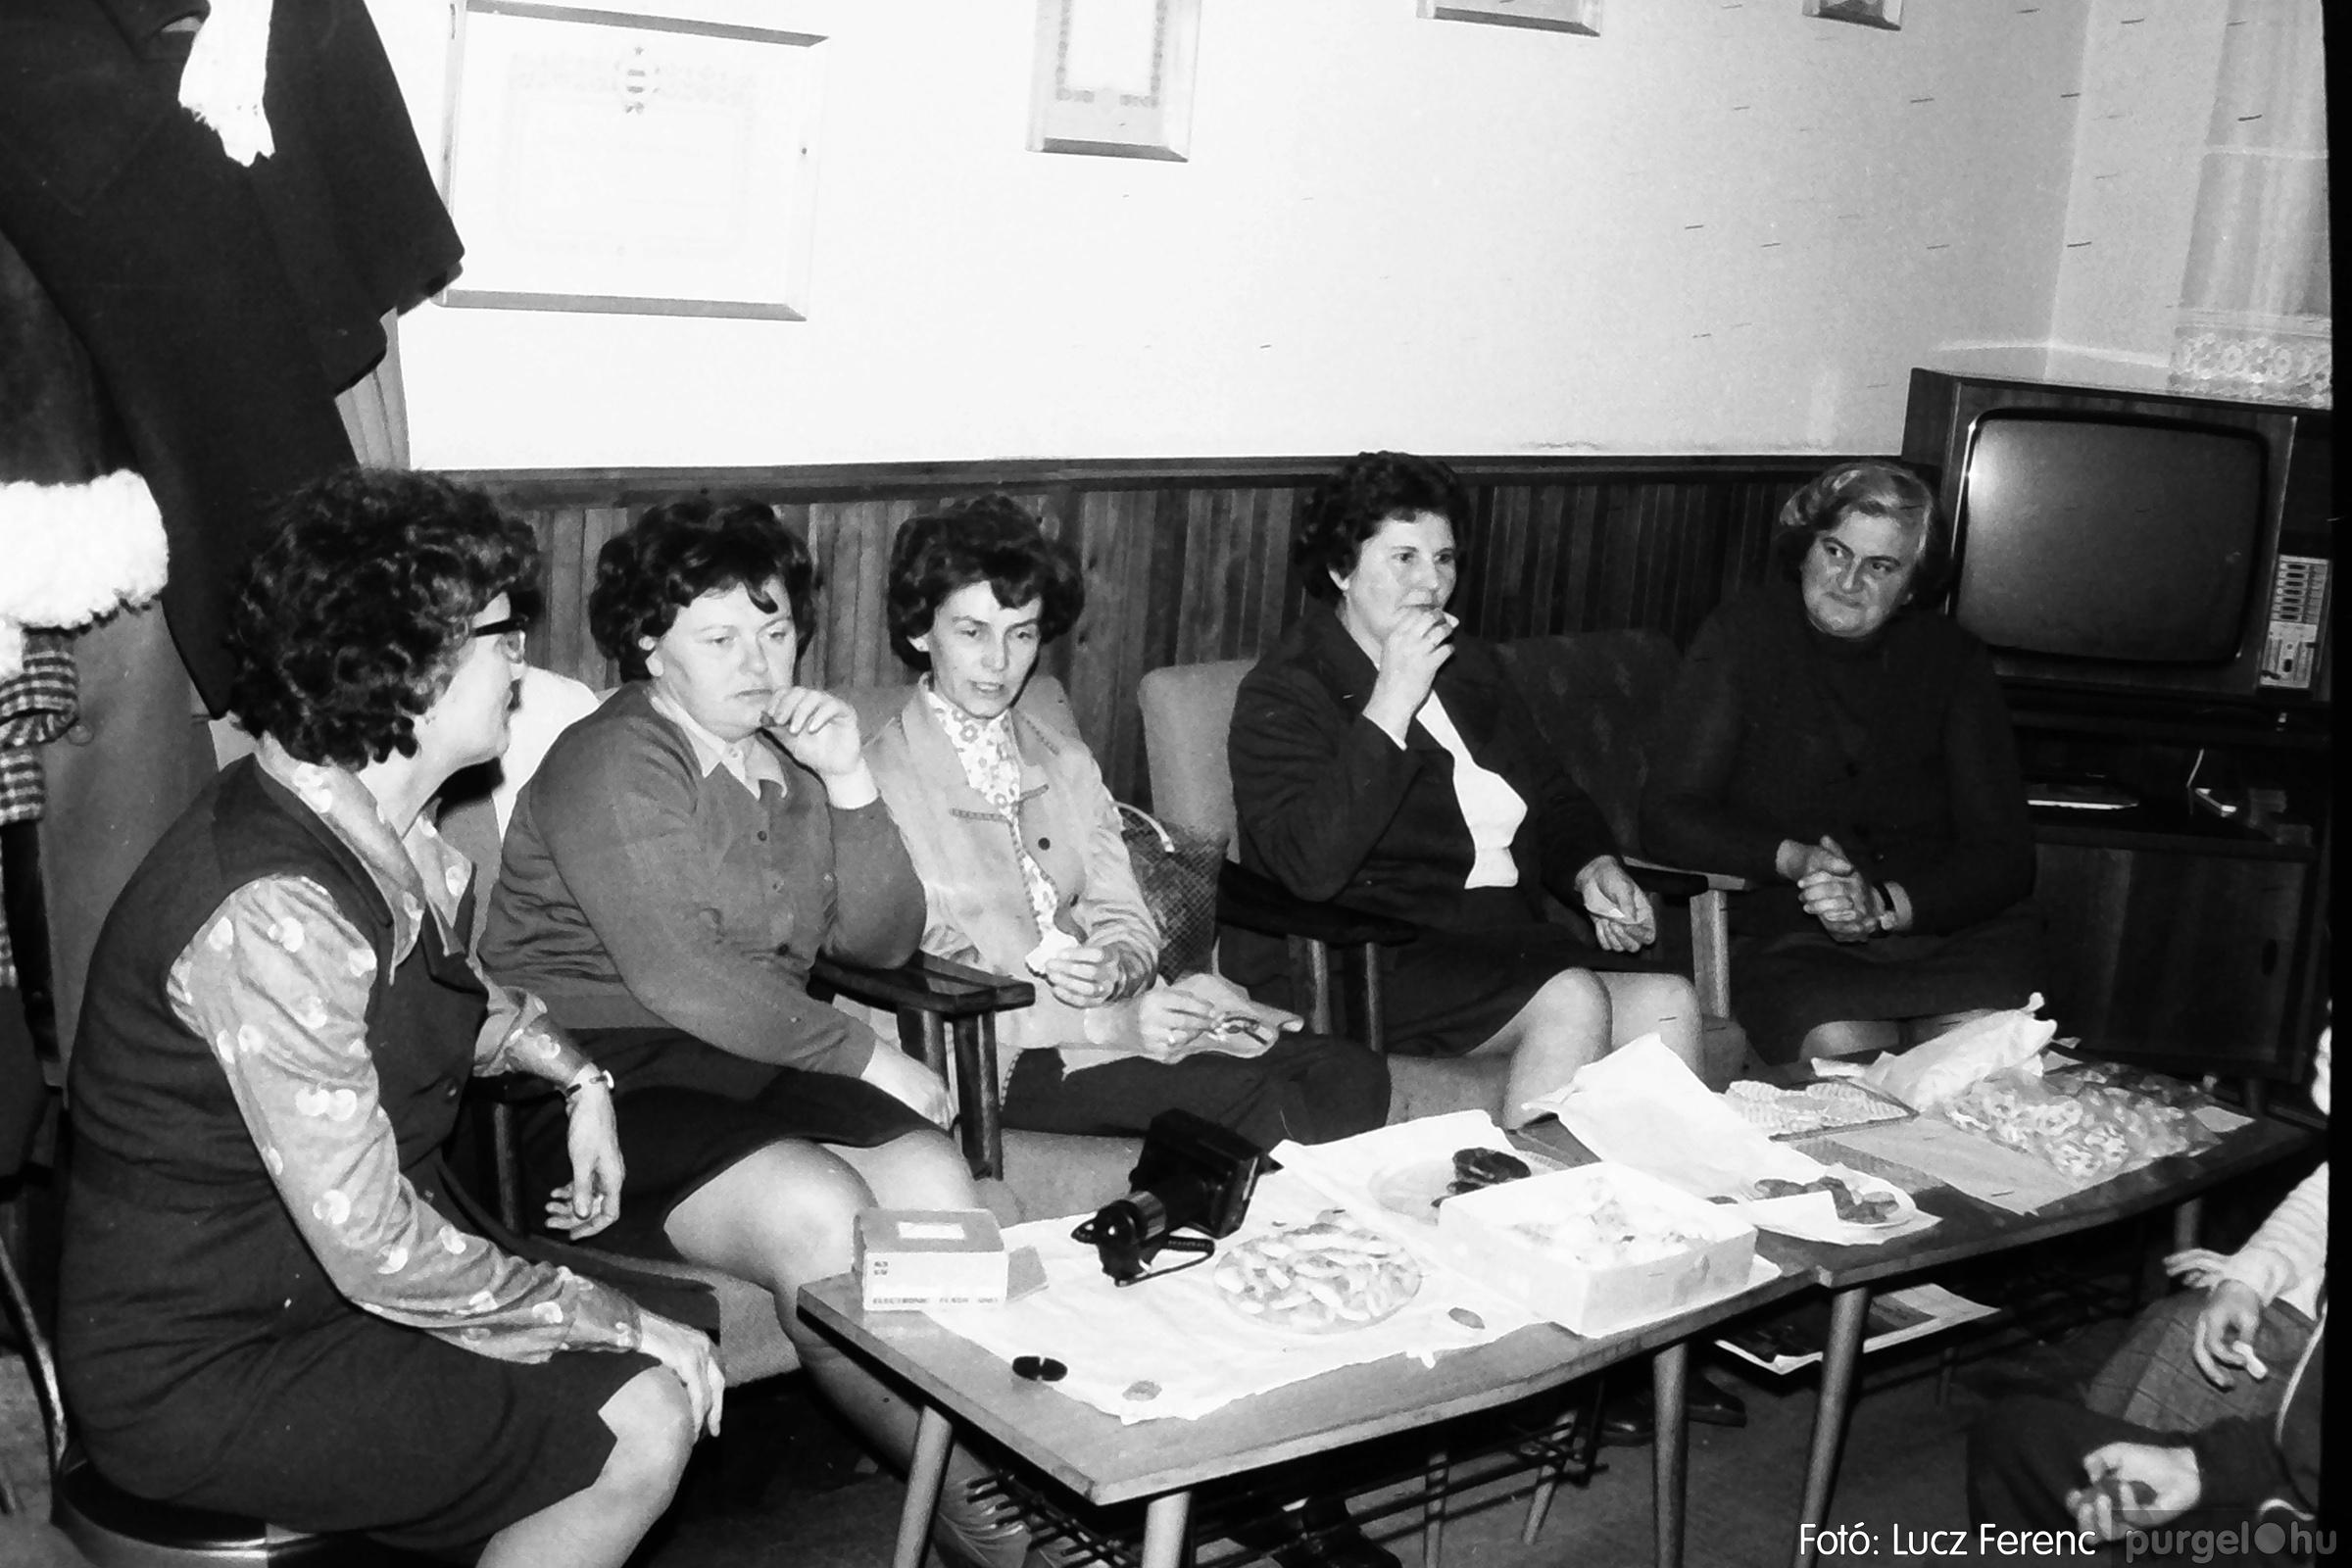 096. 1977. Karácsonyi összejövetel a kultúrházban 017. - Fotó: Lucz Ferenc.jpg